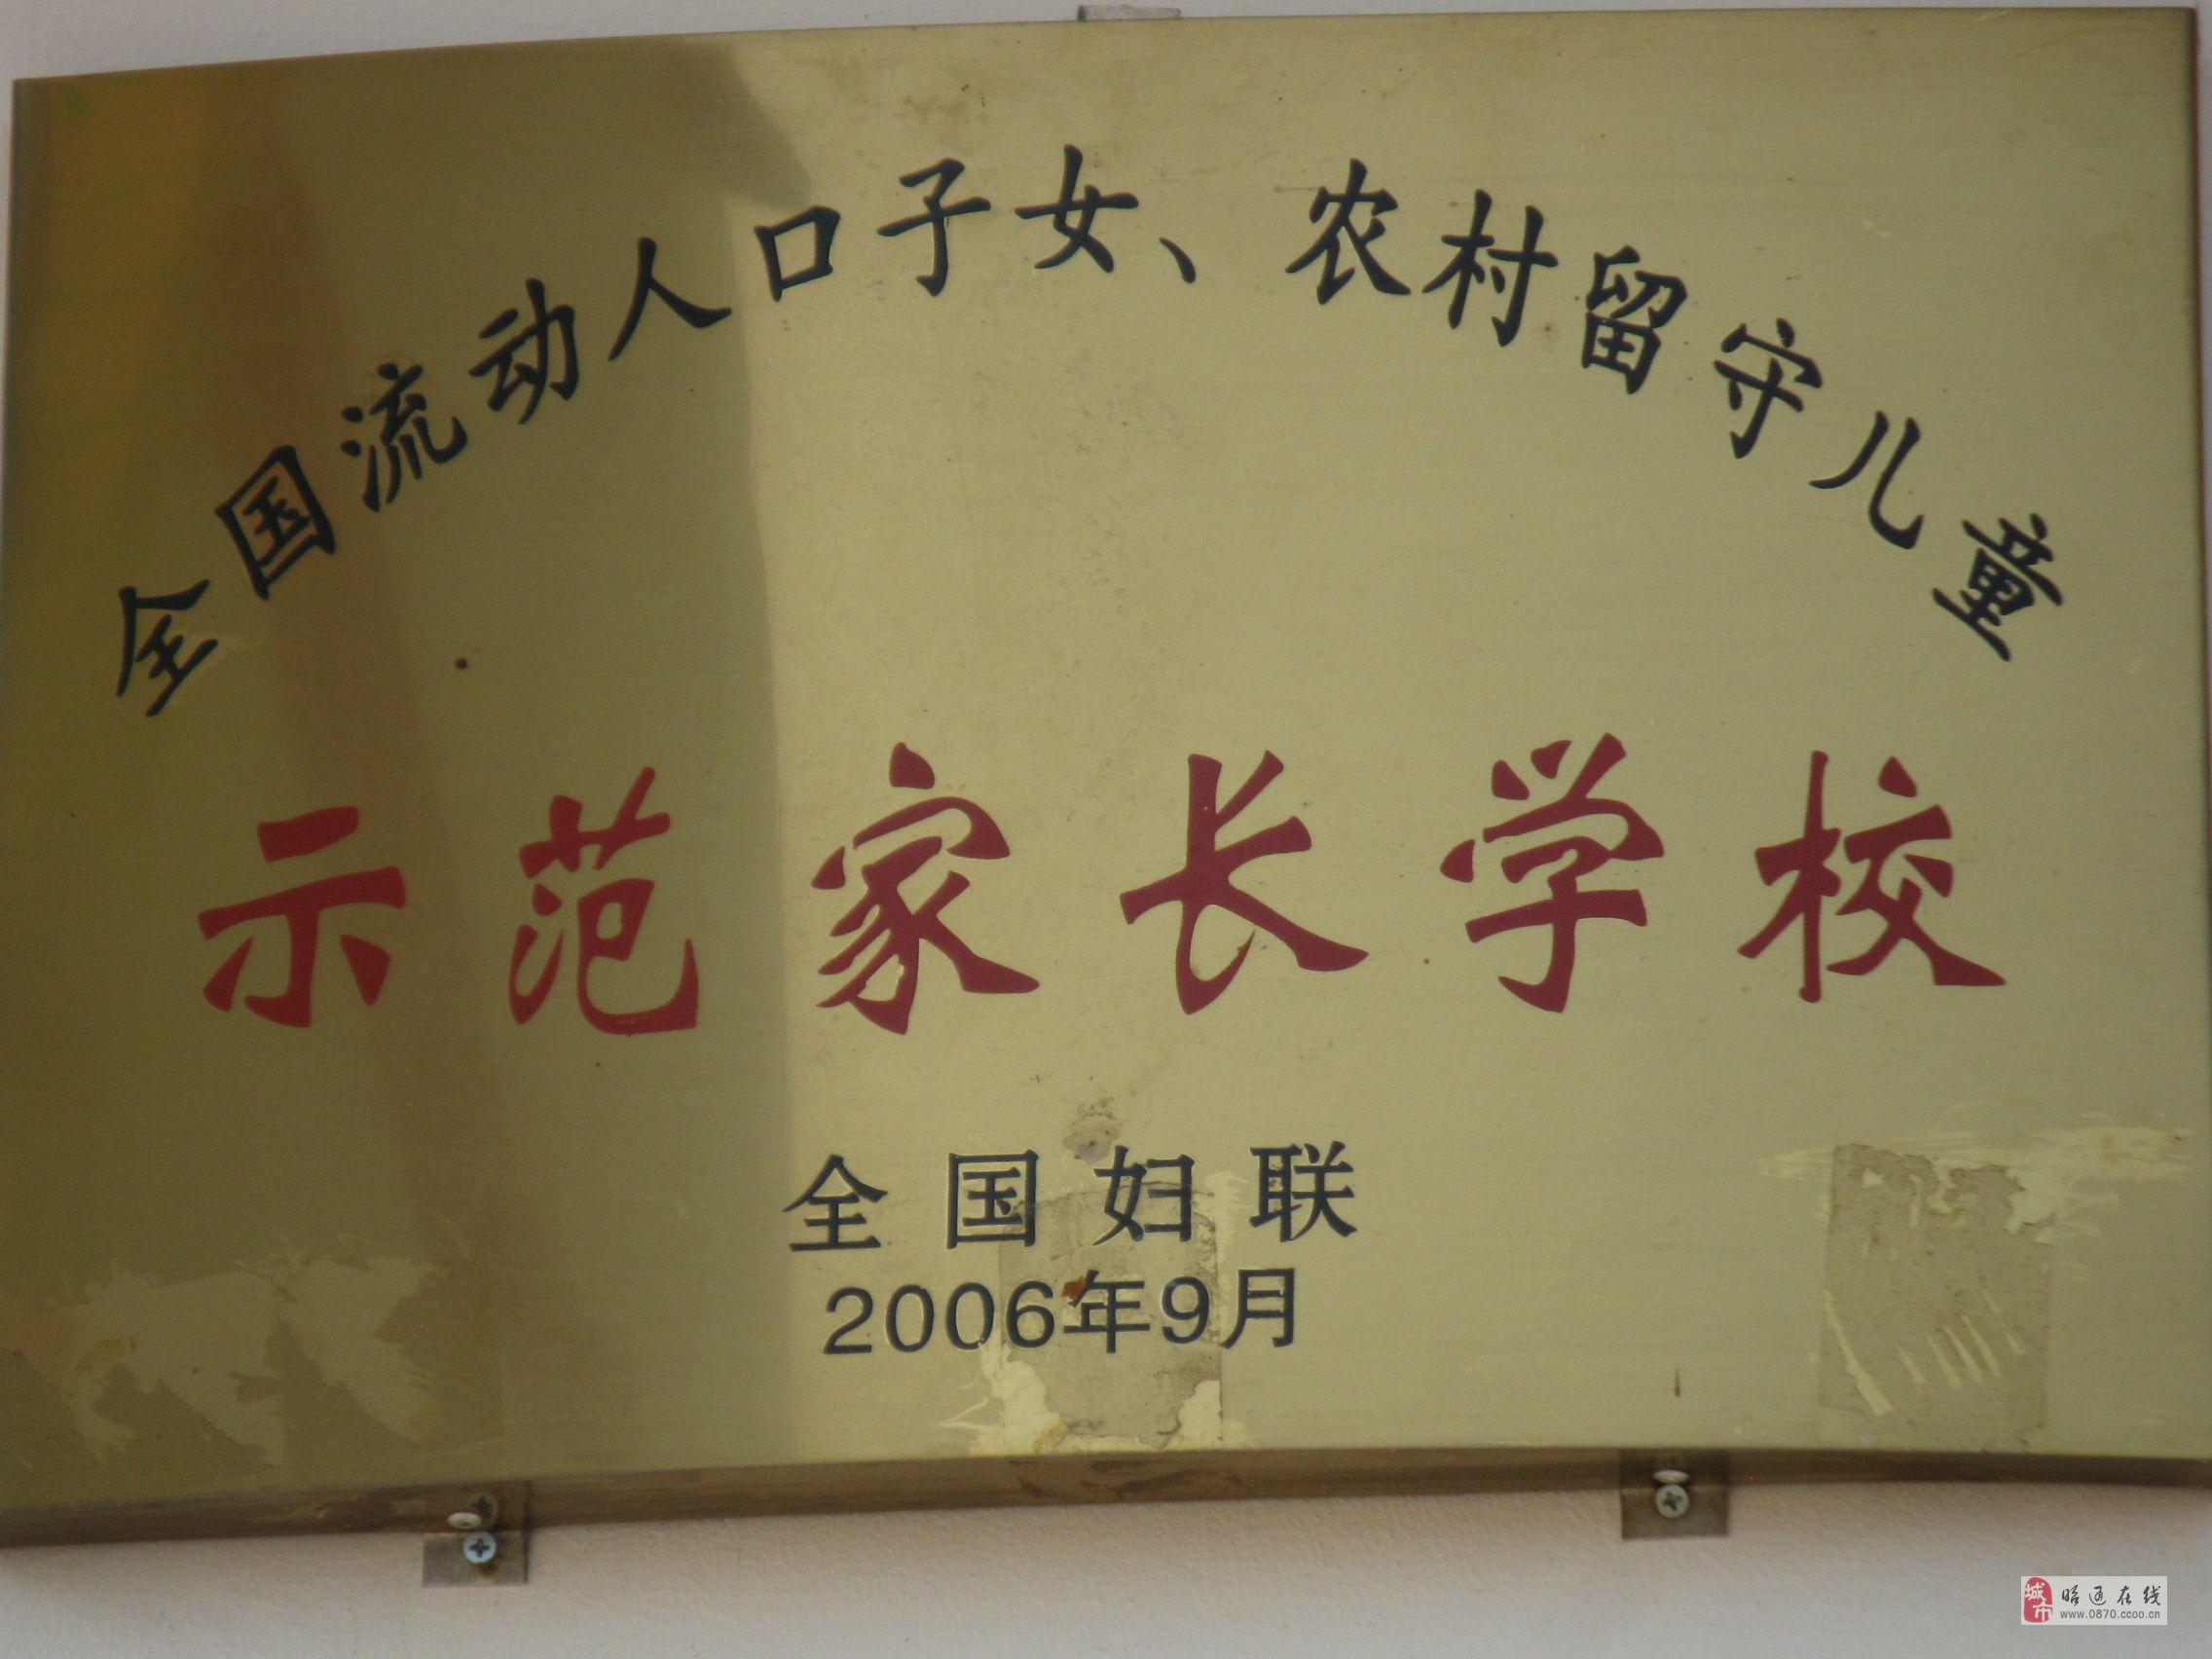 公司名称:             昭阳区永红双语特色幼儿园